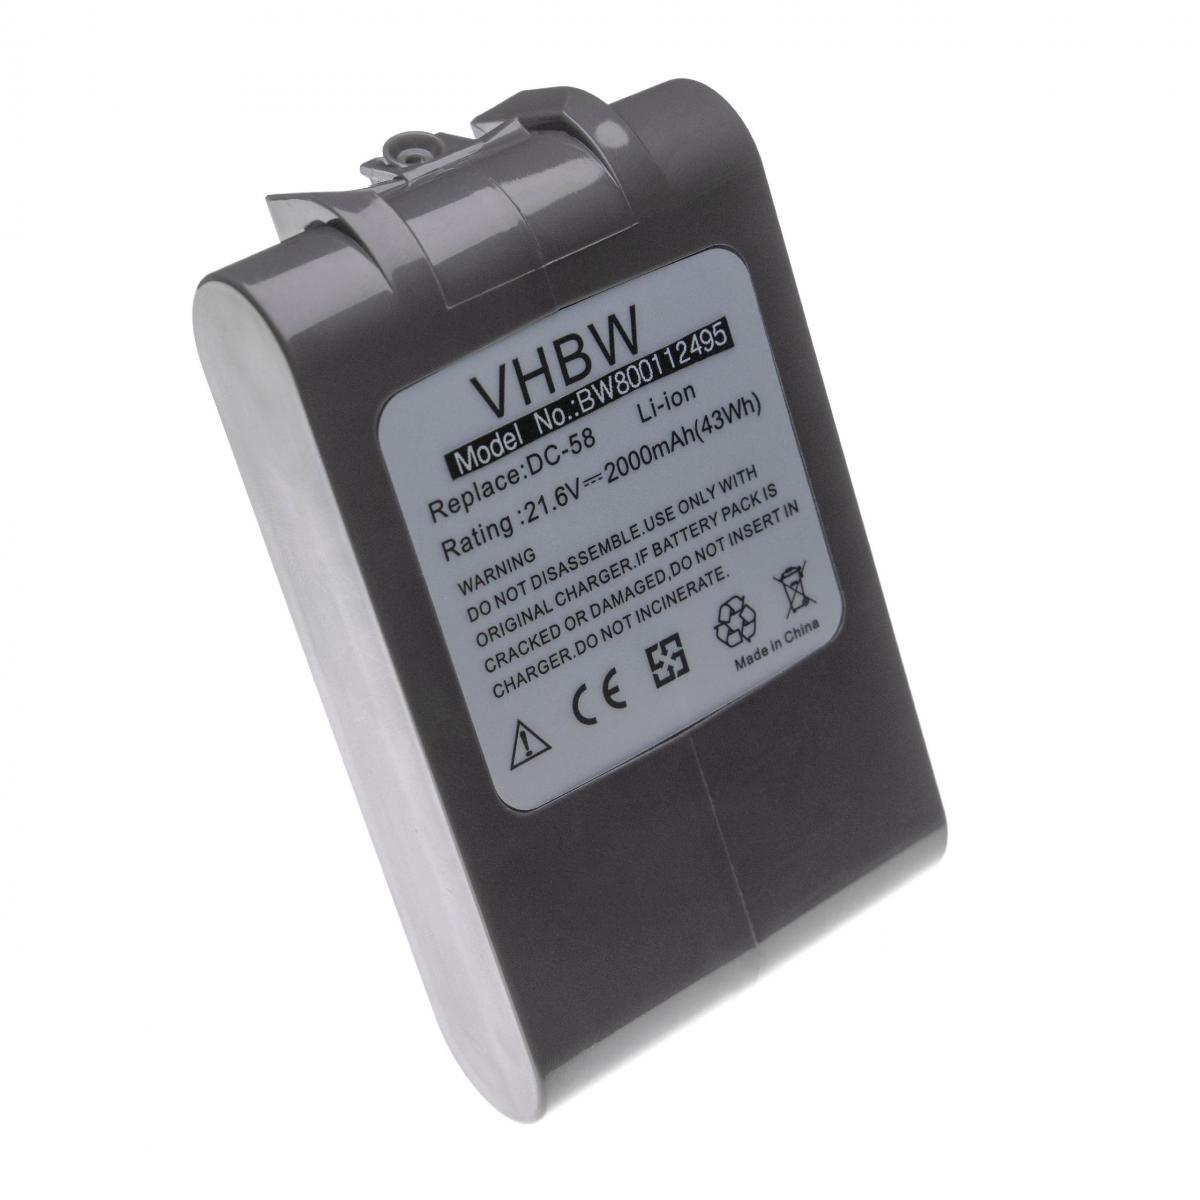 Vhbw vhbw Li-Ion batterie 2000mAh (21.6V) pour aspirateur Dyson DC62 Animal Pro, Dyson DC74, Dyson V6 Up Top remplace 965874-